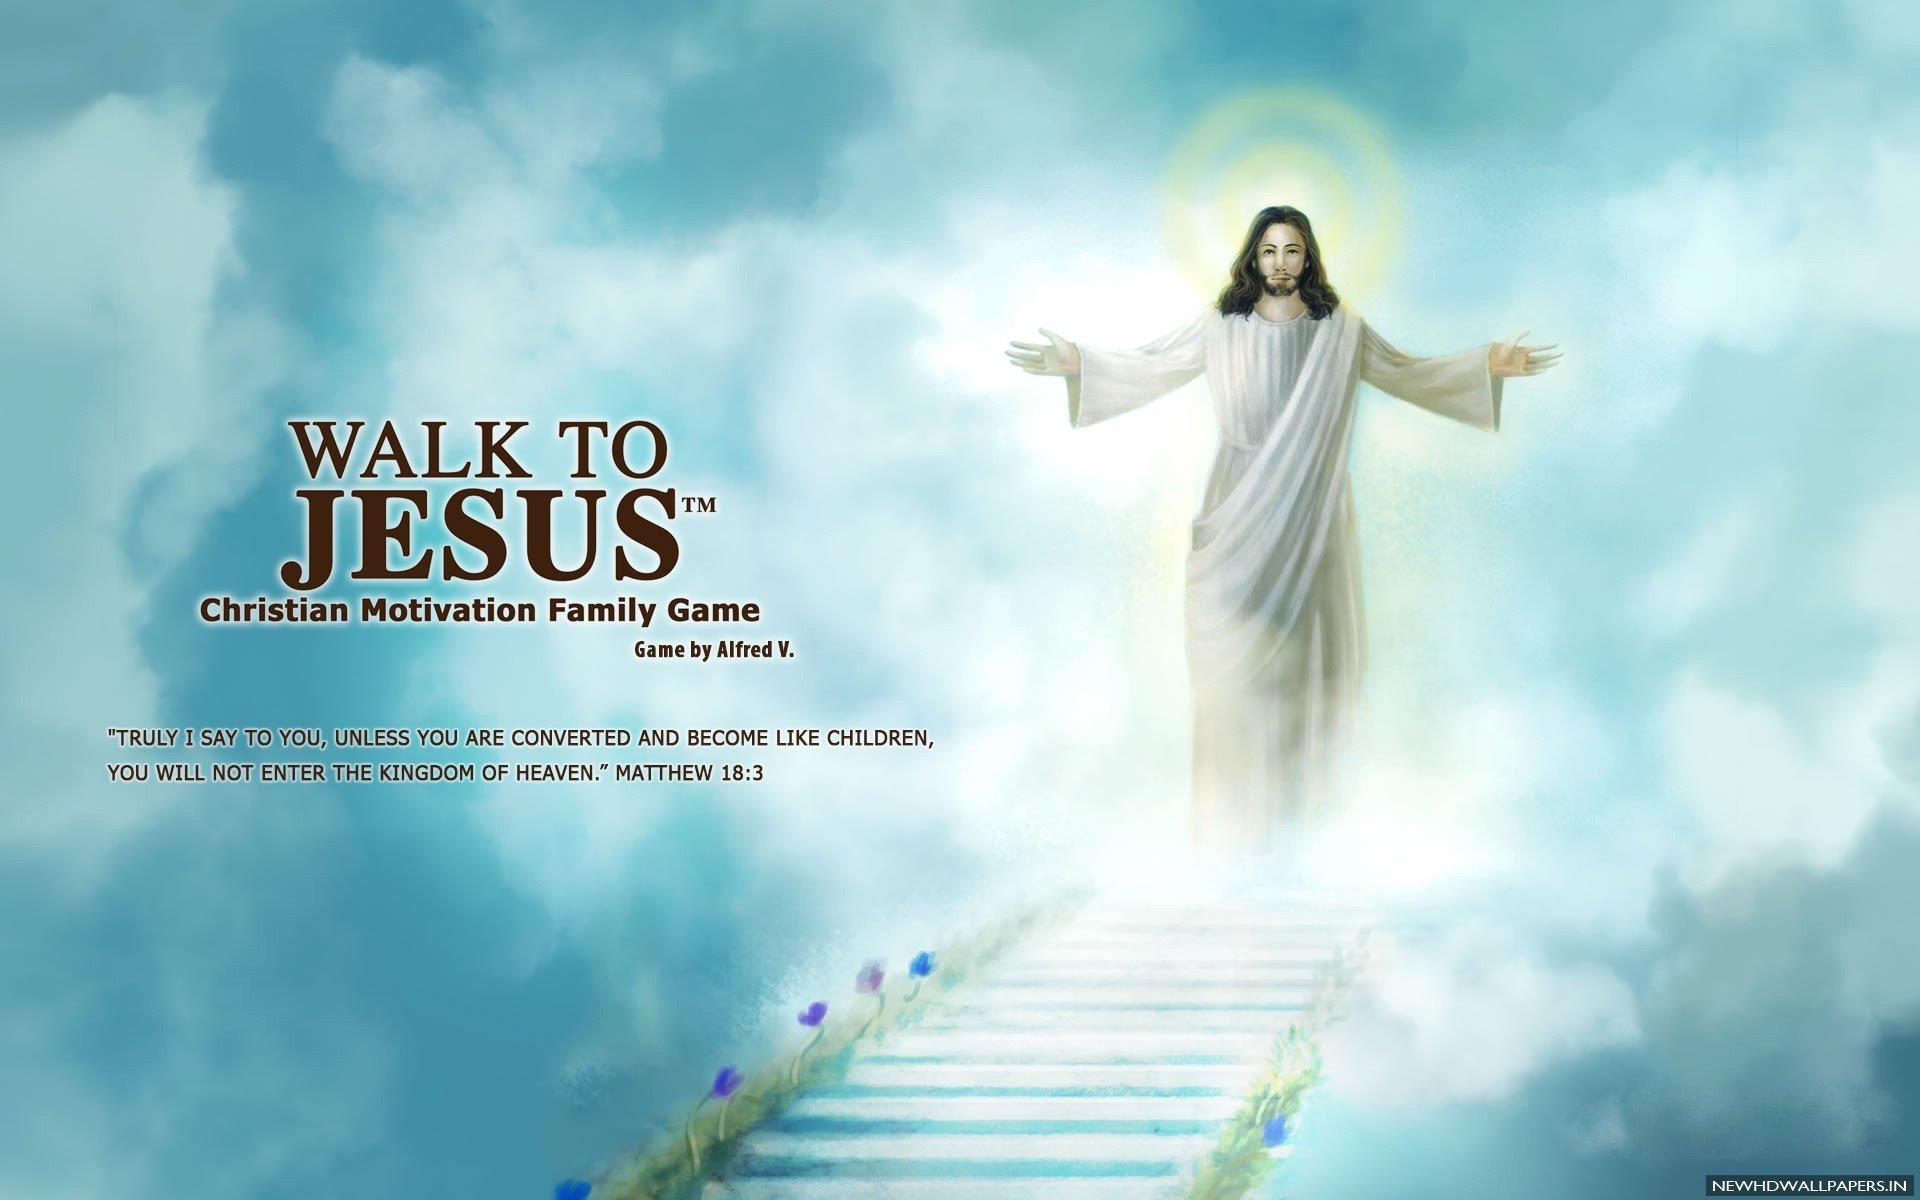 wallpaper hd desktop wallpaper jesus jesus hd wallpaper 1920x1080 ... Hd Wallpaper 1920x1080